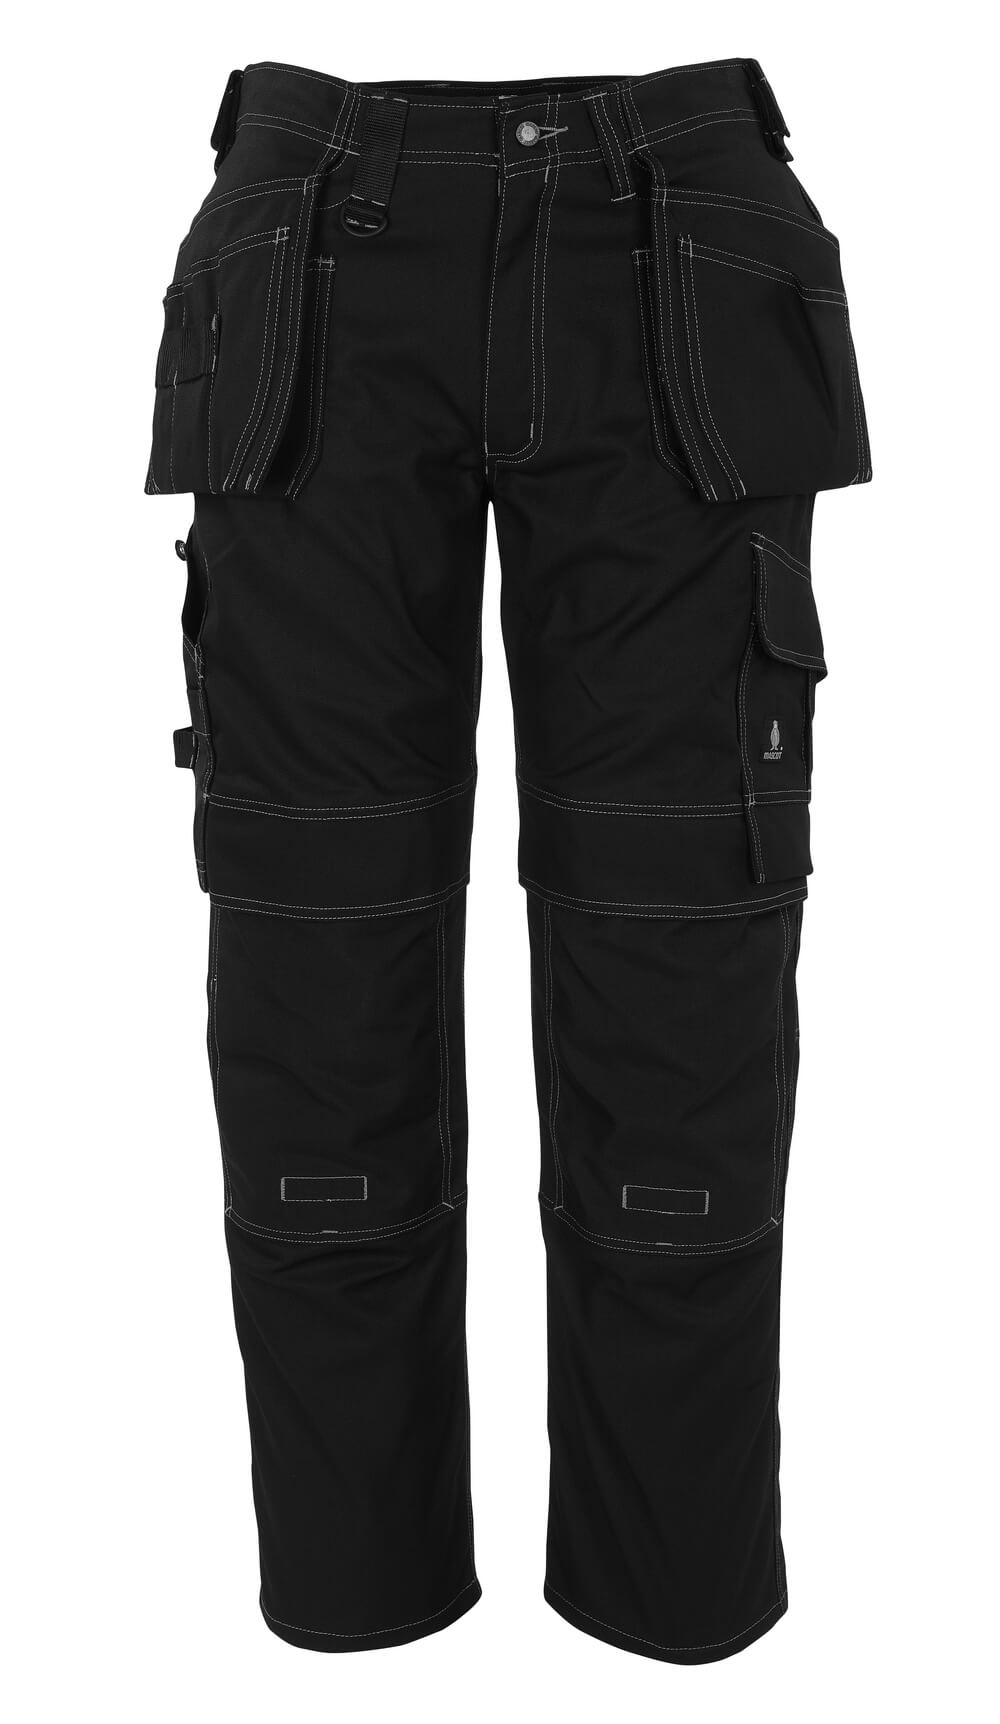 08131-010-09 Pantalon avec poches genouillères et poches flottantes - Noir